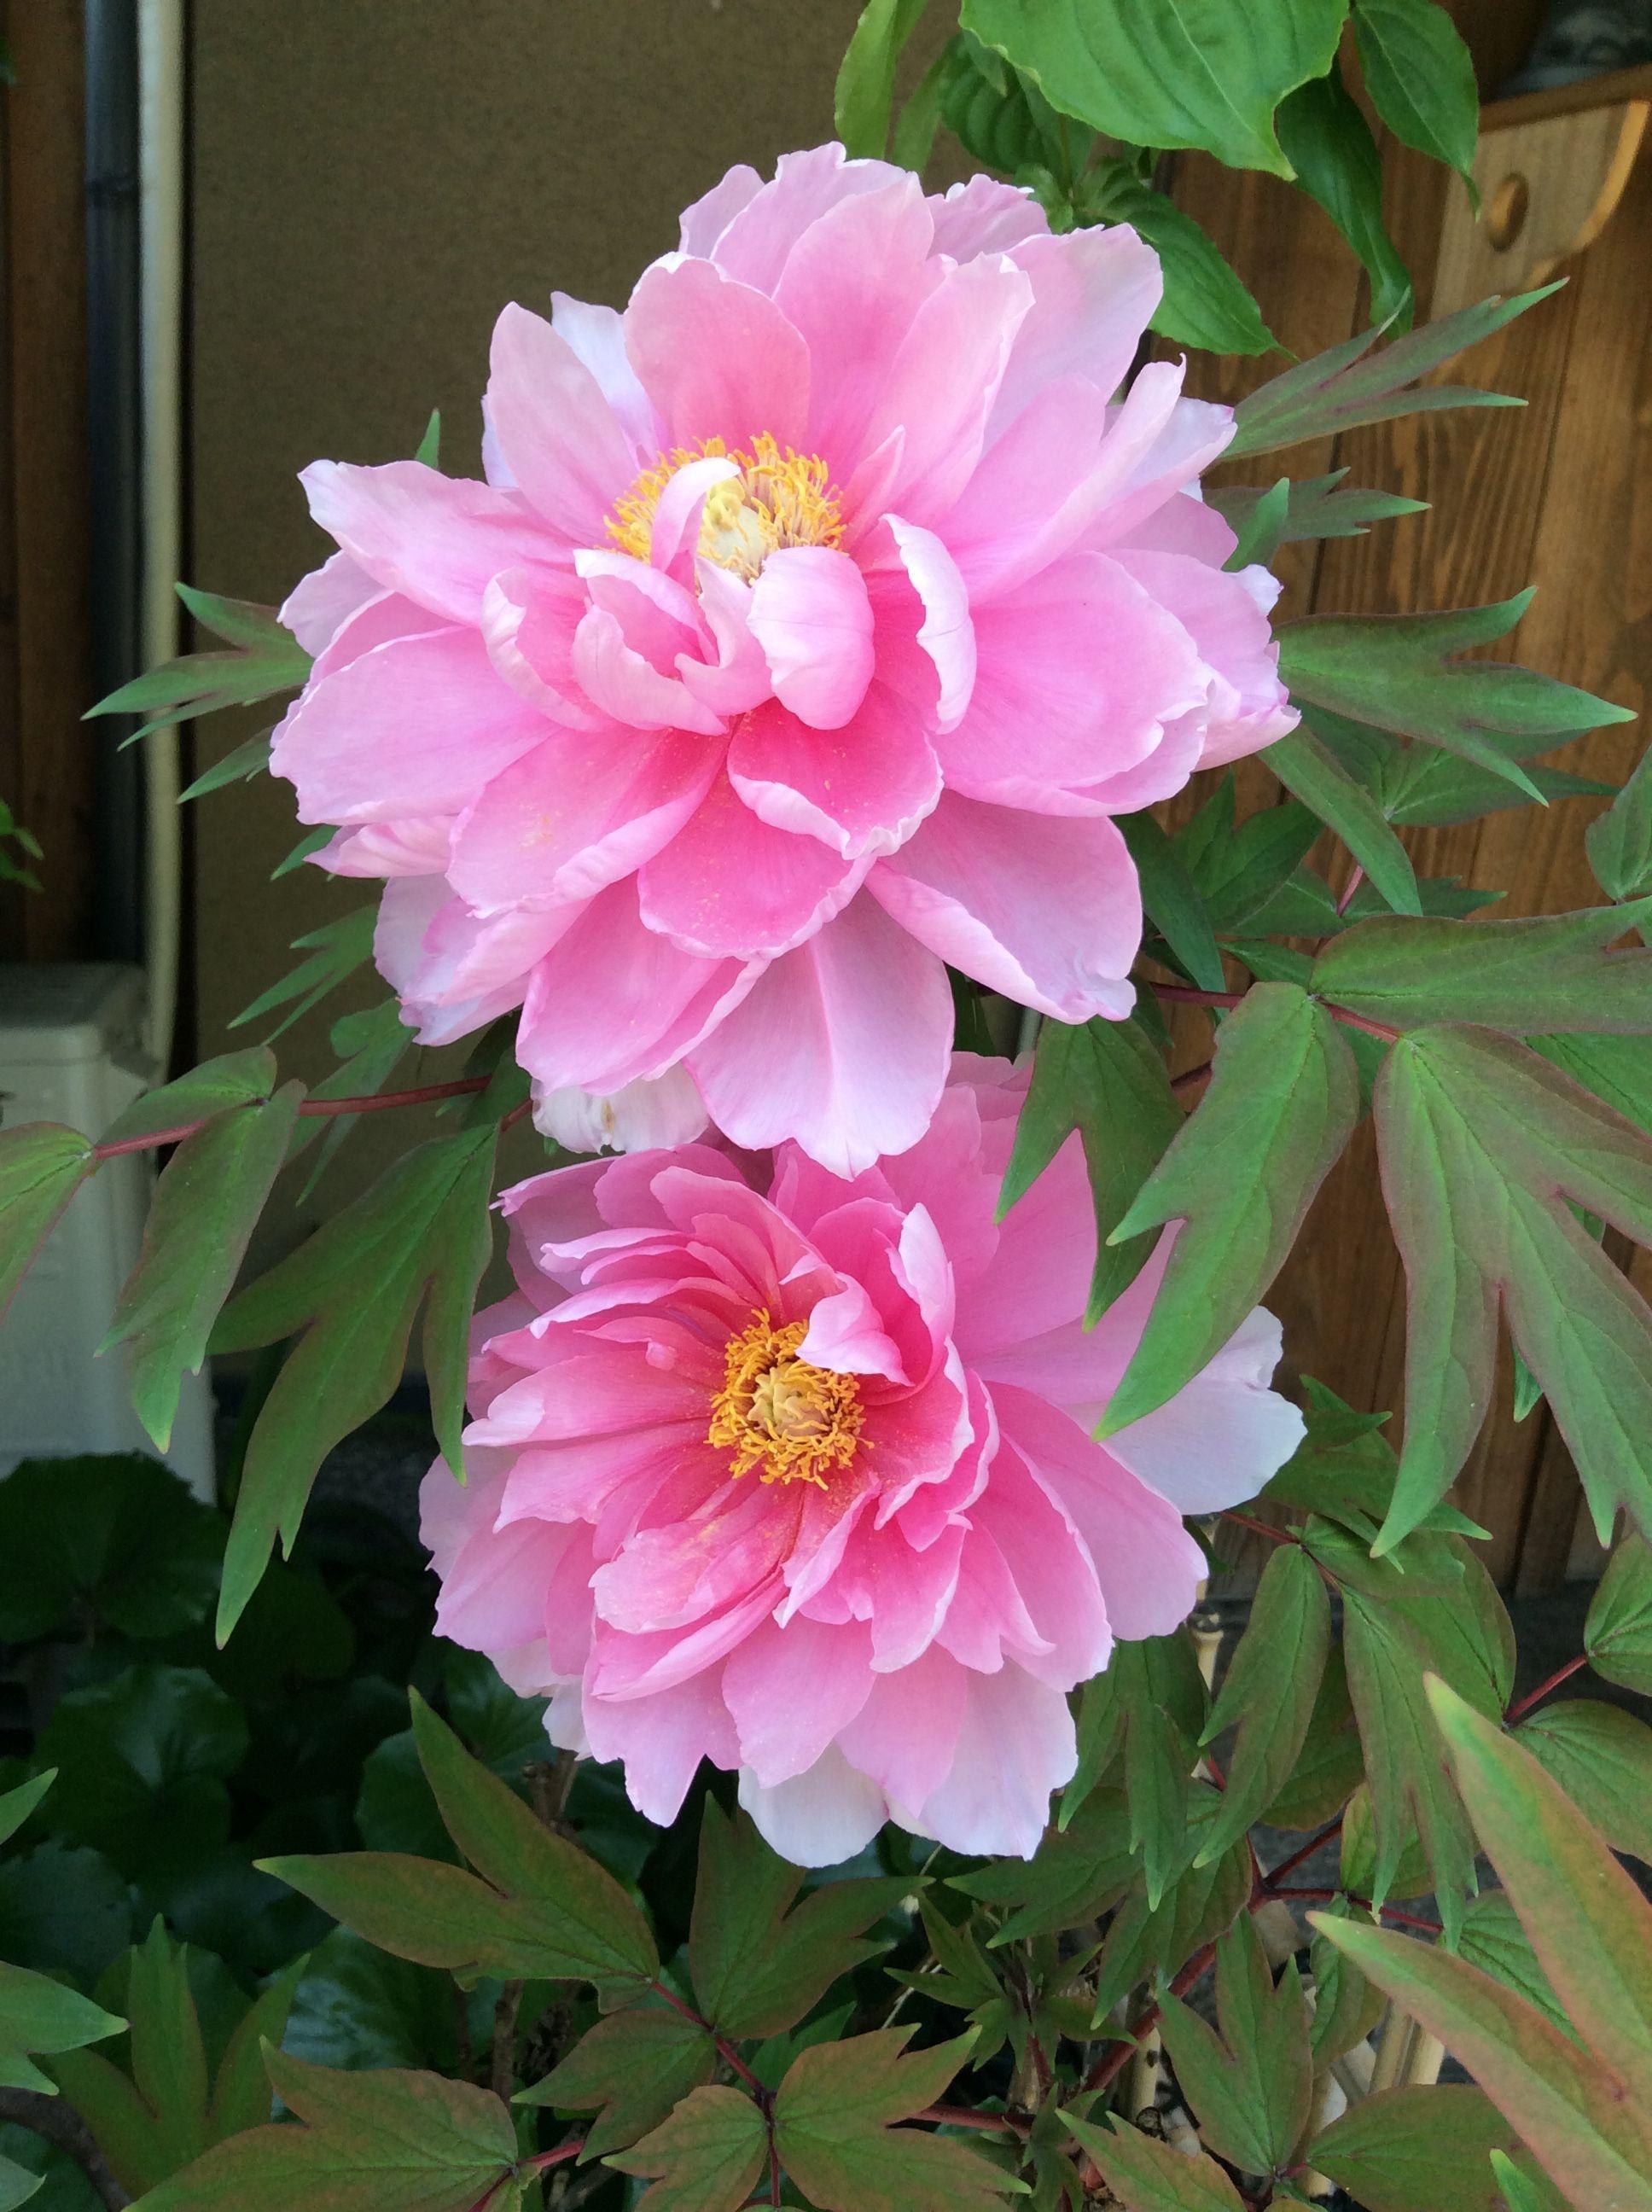 Peony flower in Kyoto, Japan Peonies Beautiful pink